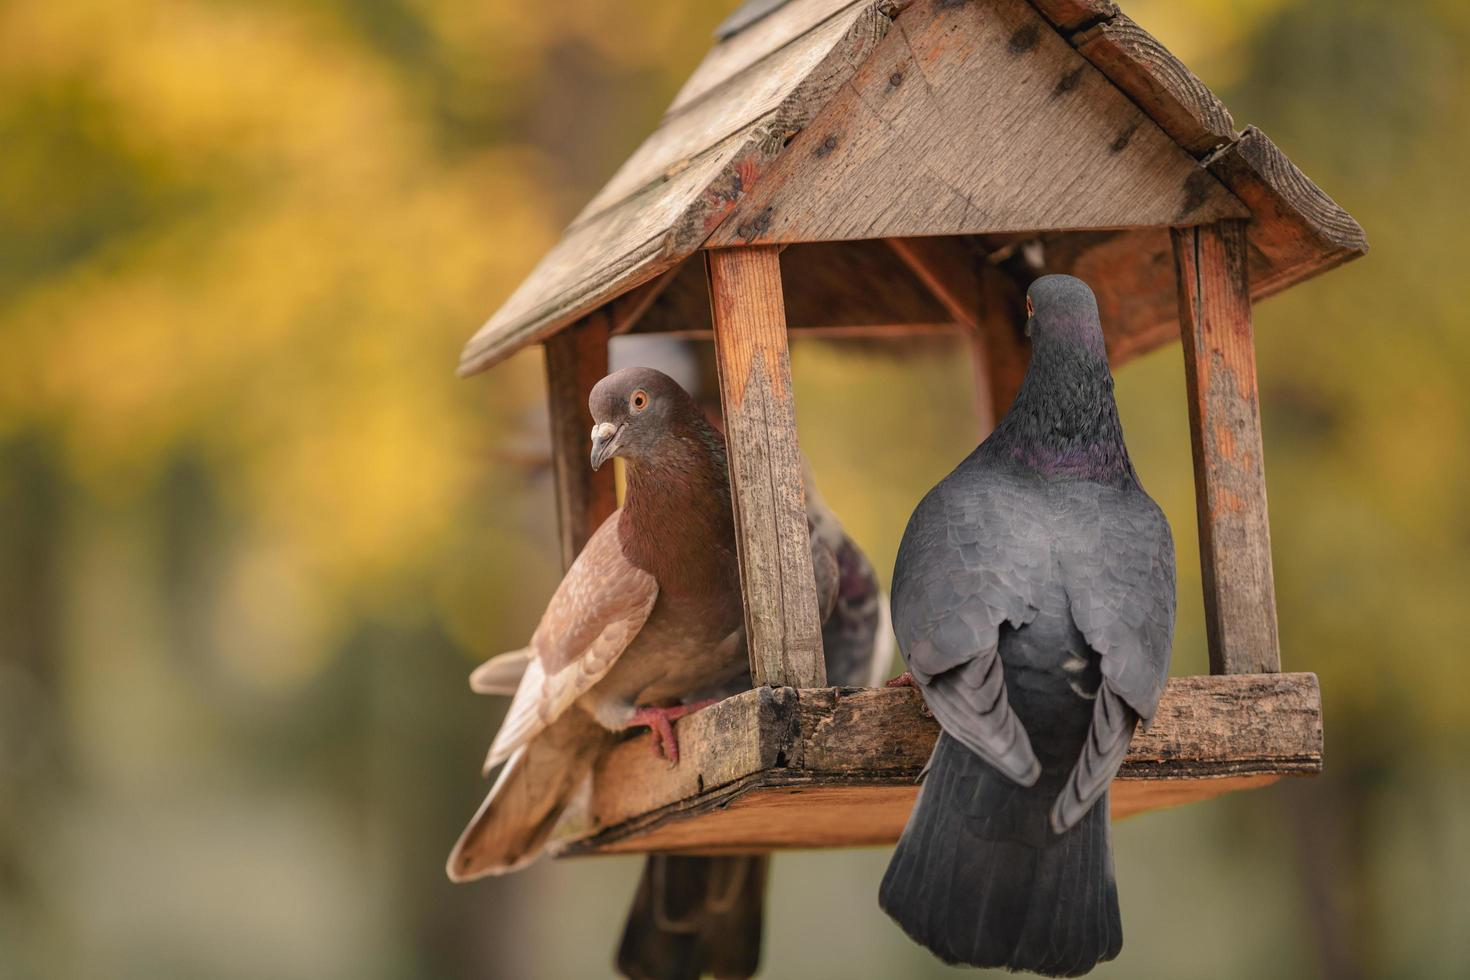 dos palomas están sentadas en un comedero para pájaros en forma de casa foto